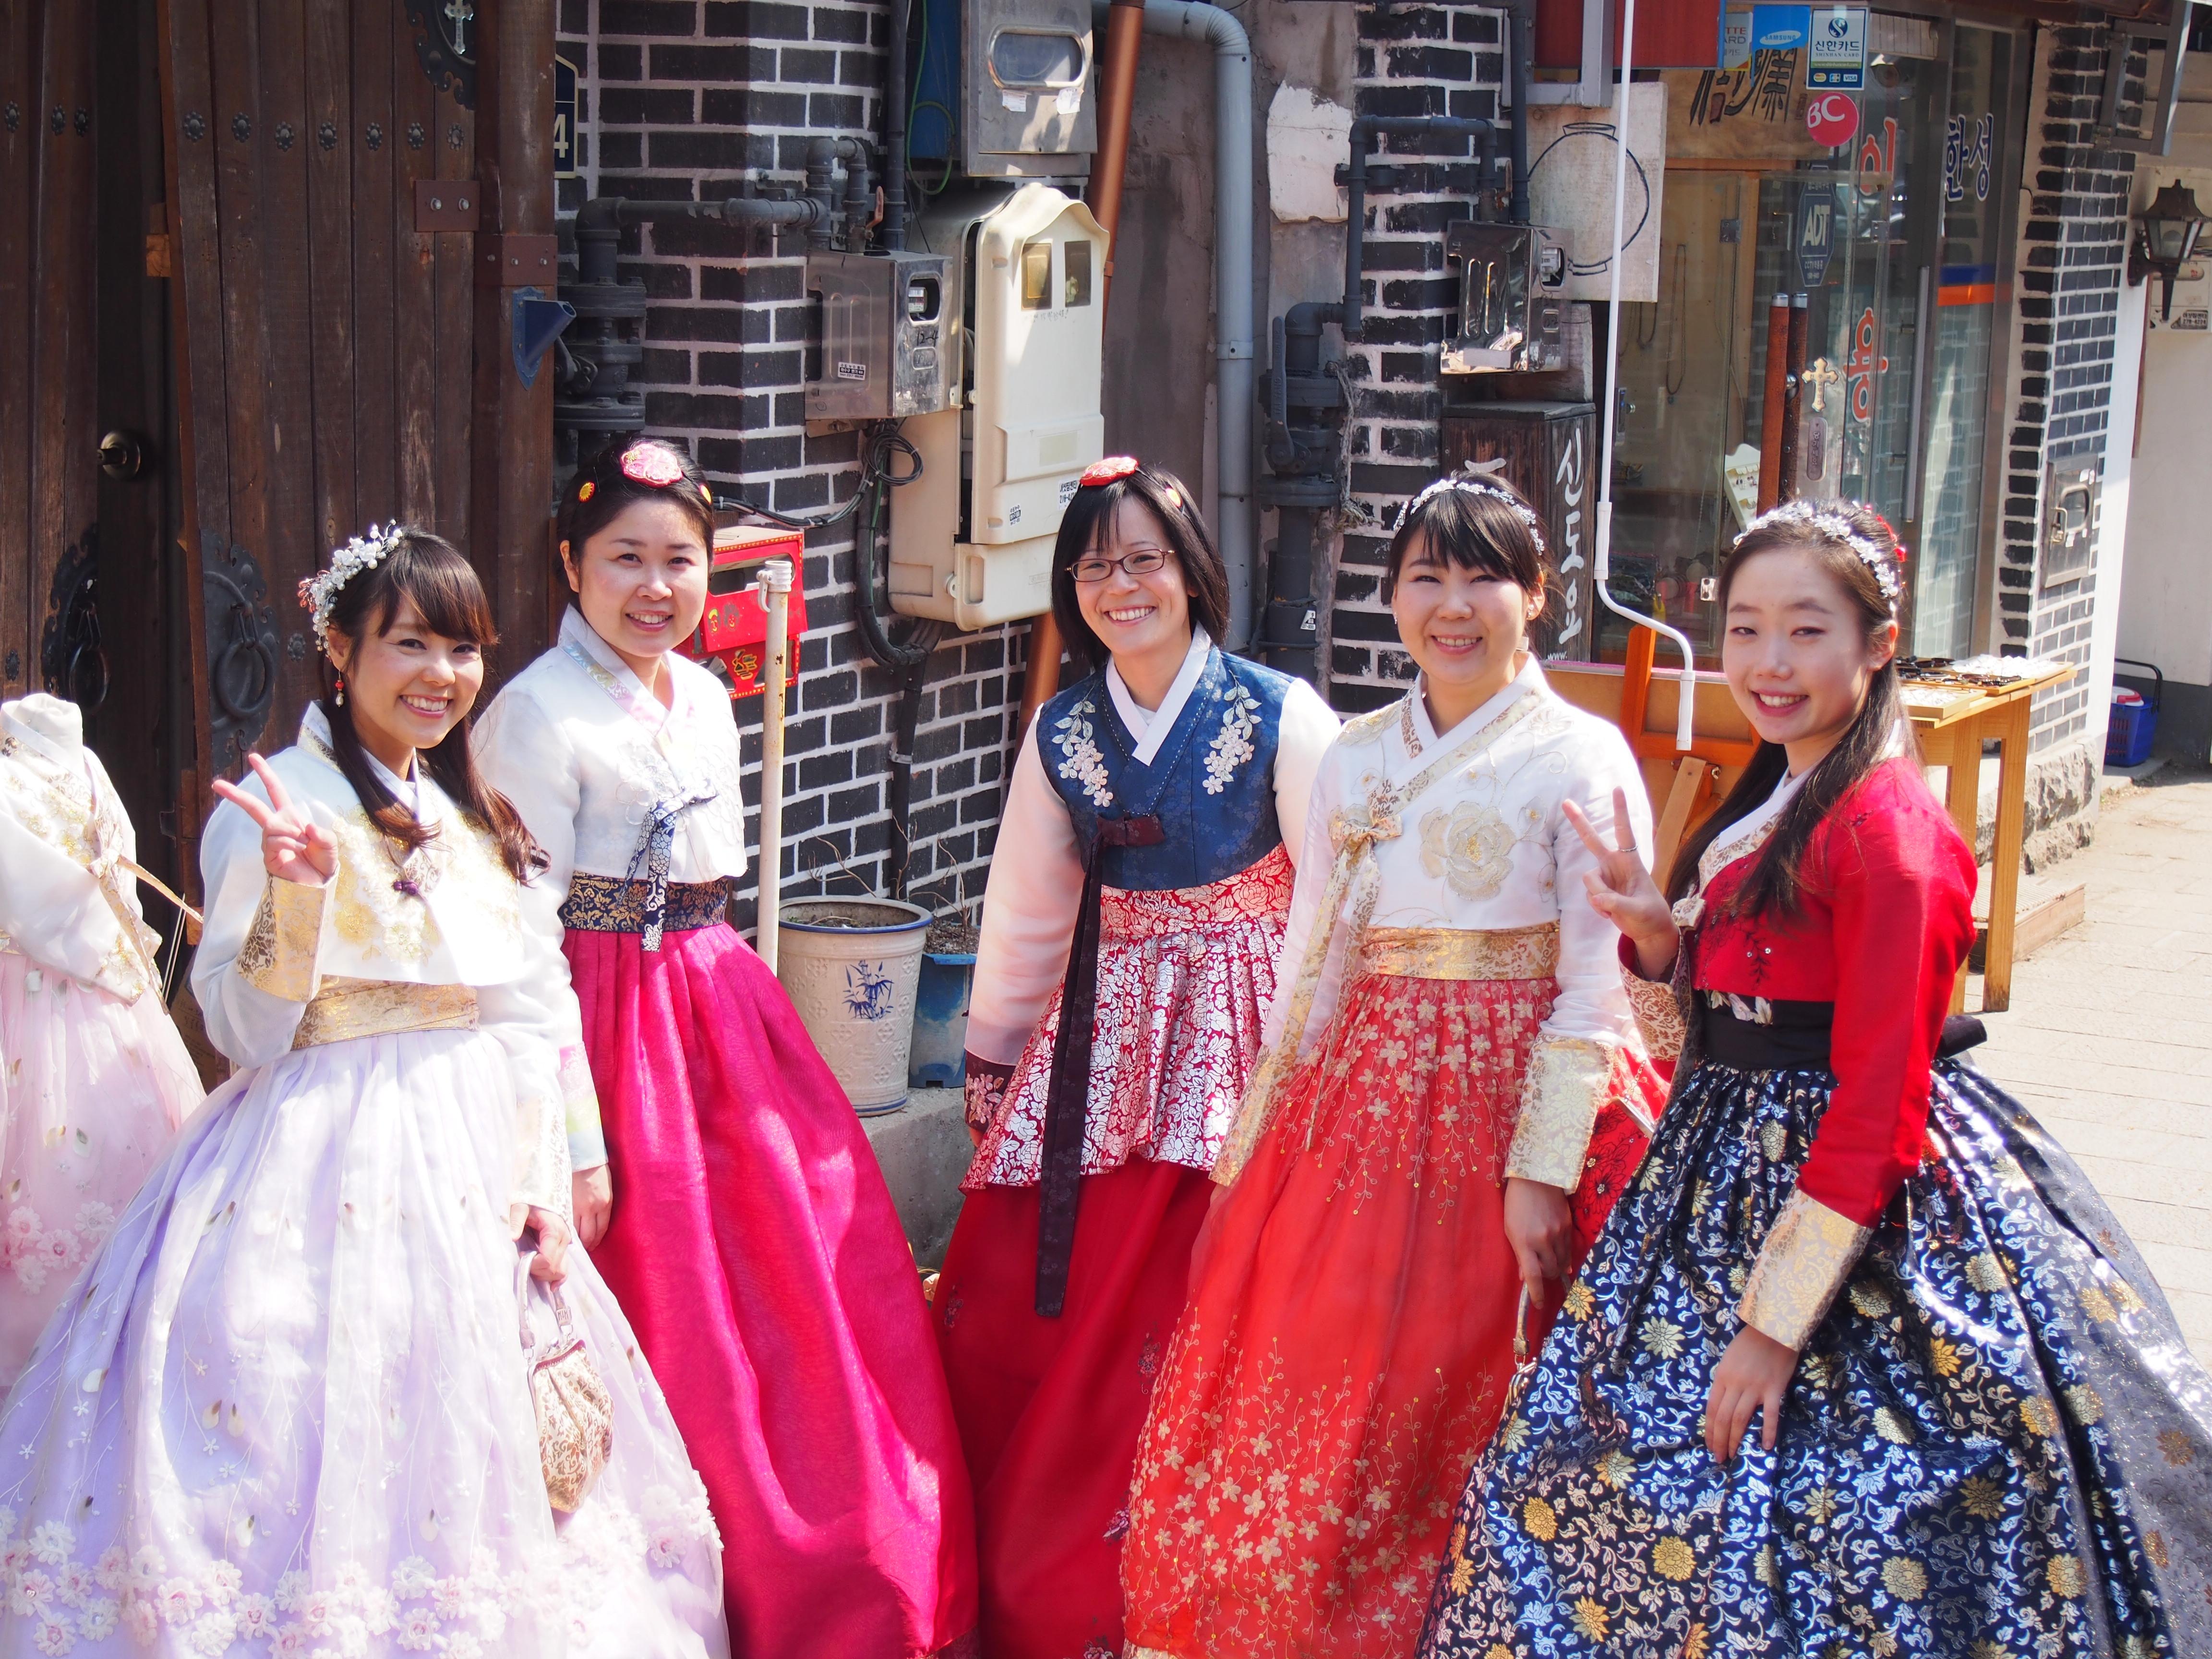 【韓国旅行②】全州韓屋村で、韓服を着て散策してみよう!